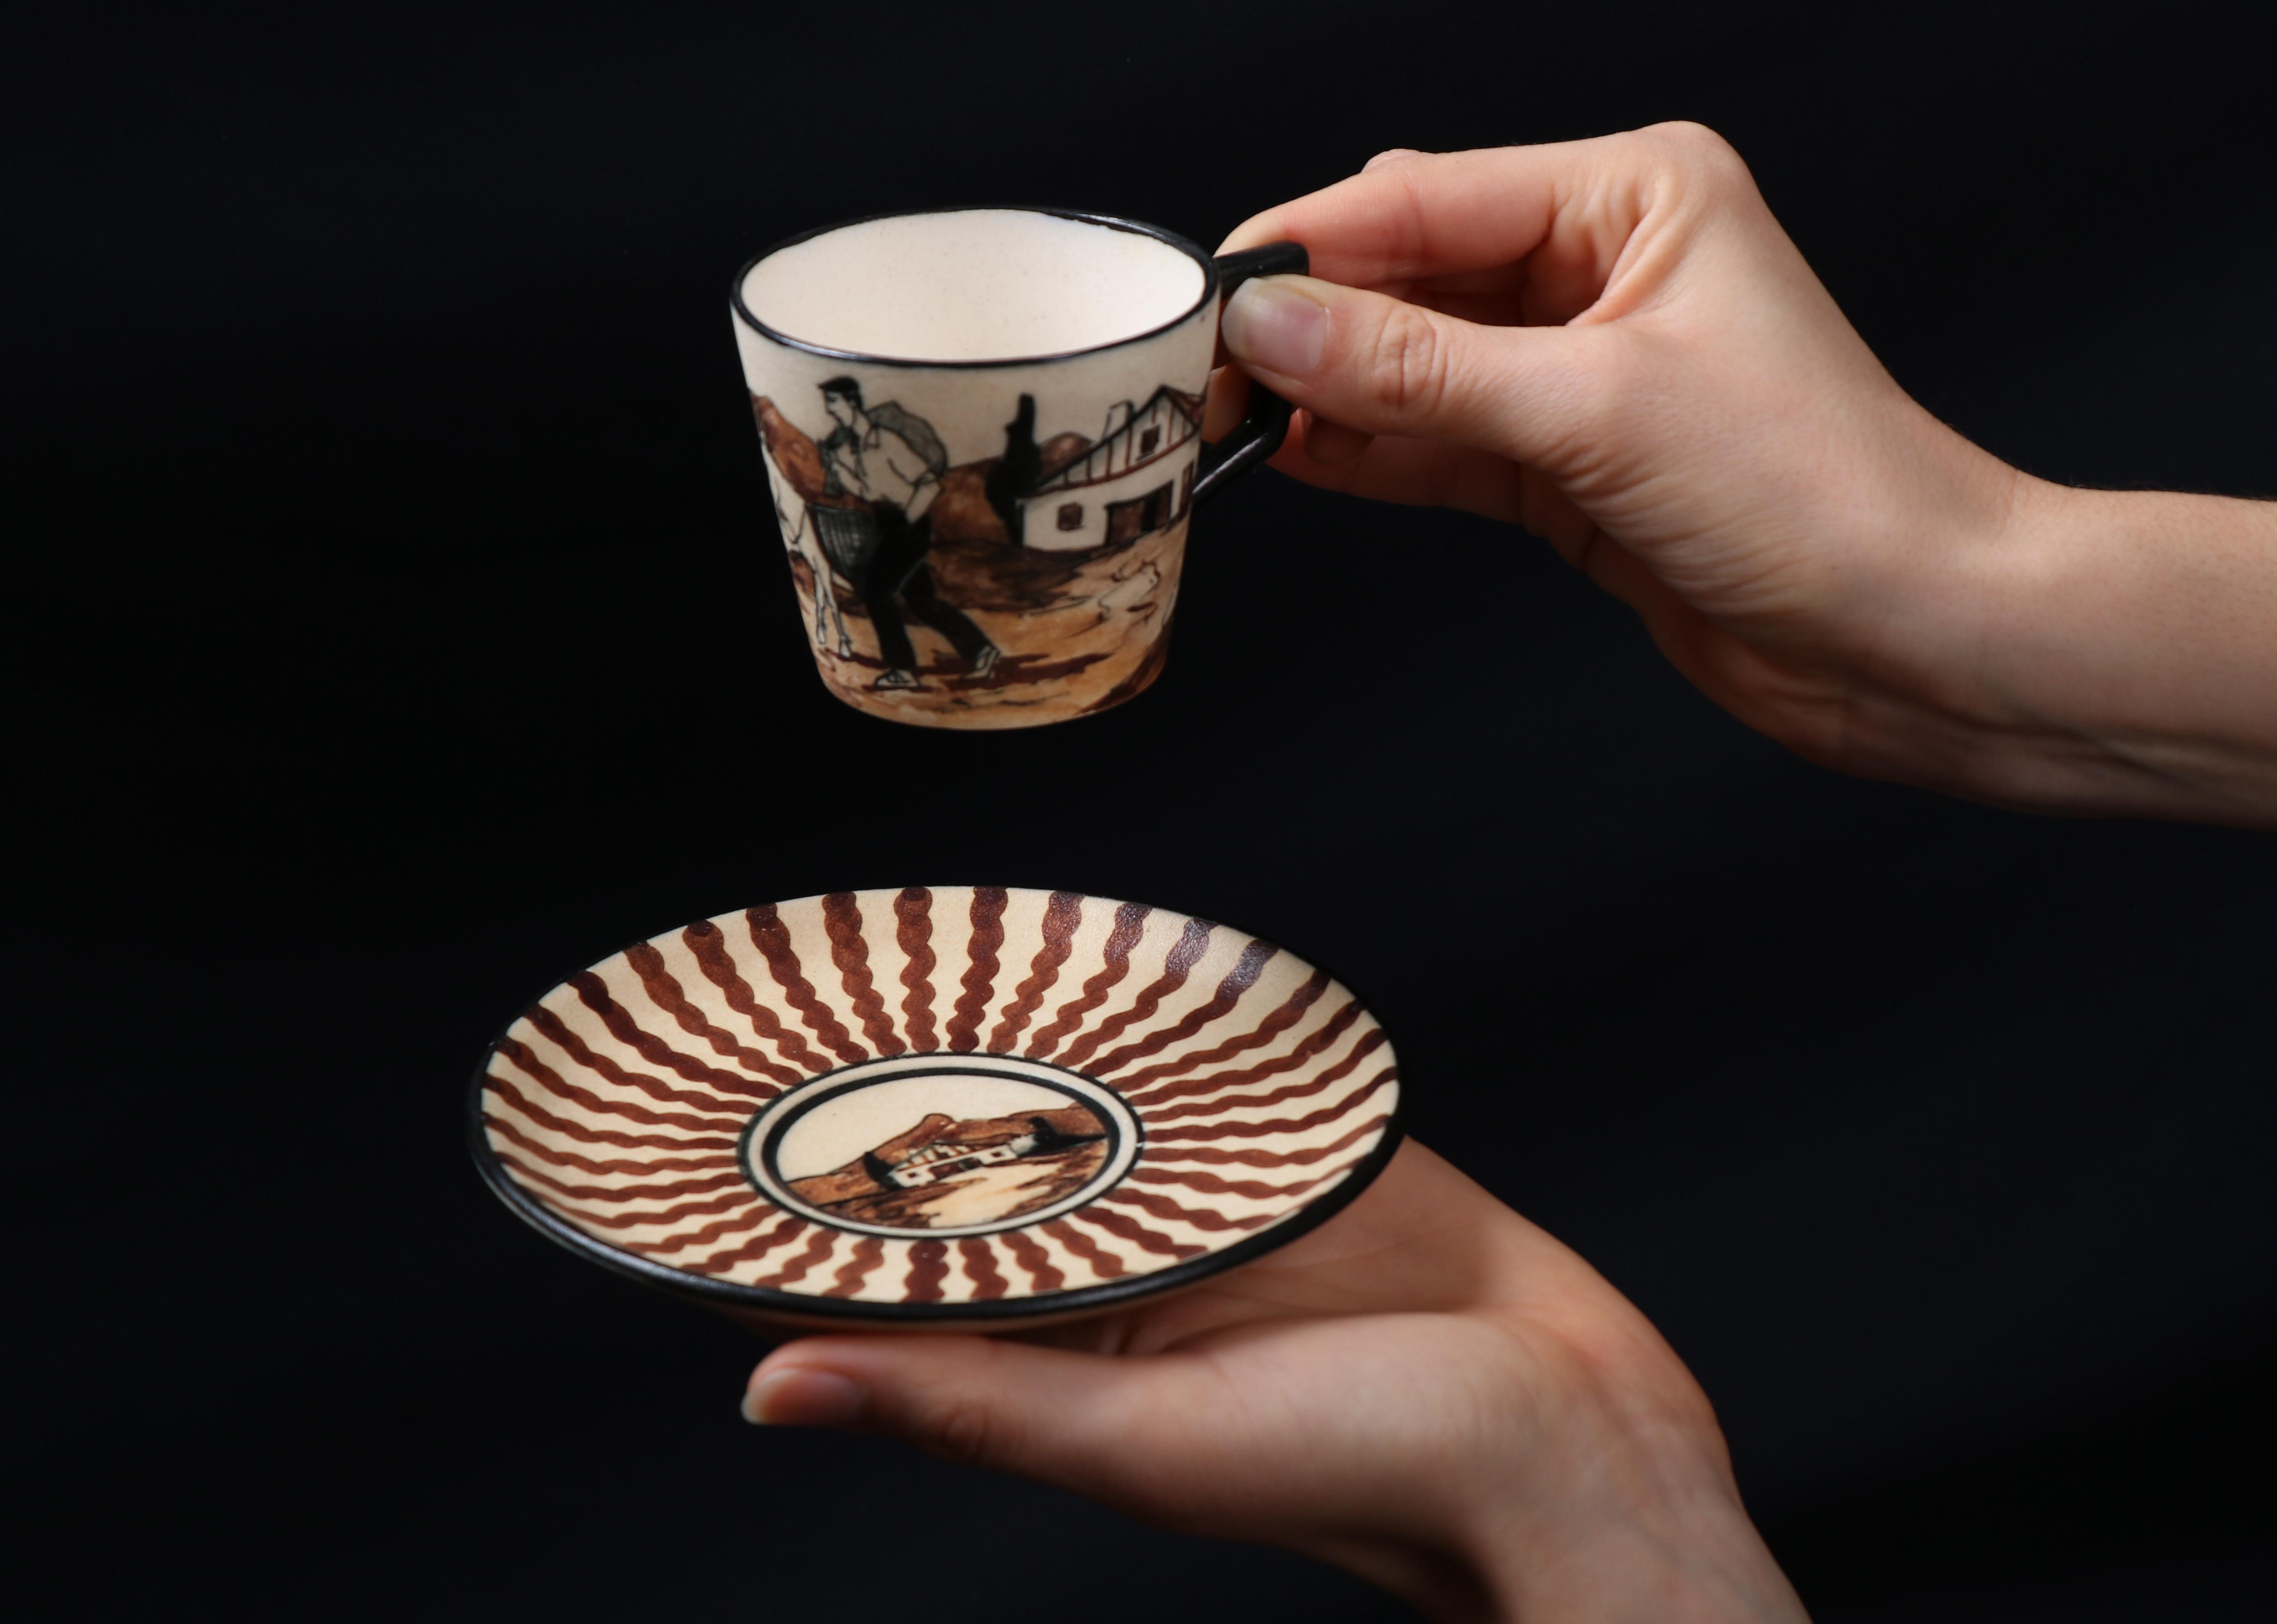 Service à café,  Étienne Vilotte. Photographie Alain Arnold, Laida Camblong.